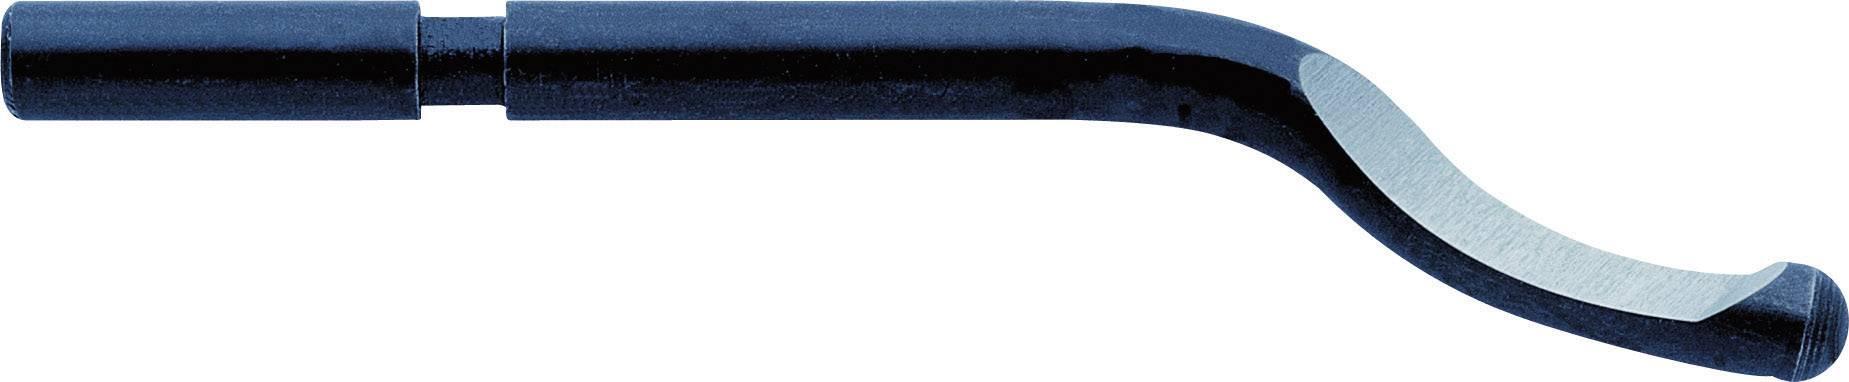 Začišťovací nůž Exact 60071, 3 ,2 mm